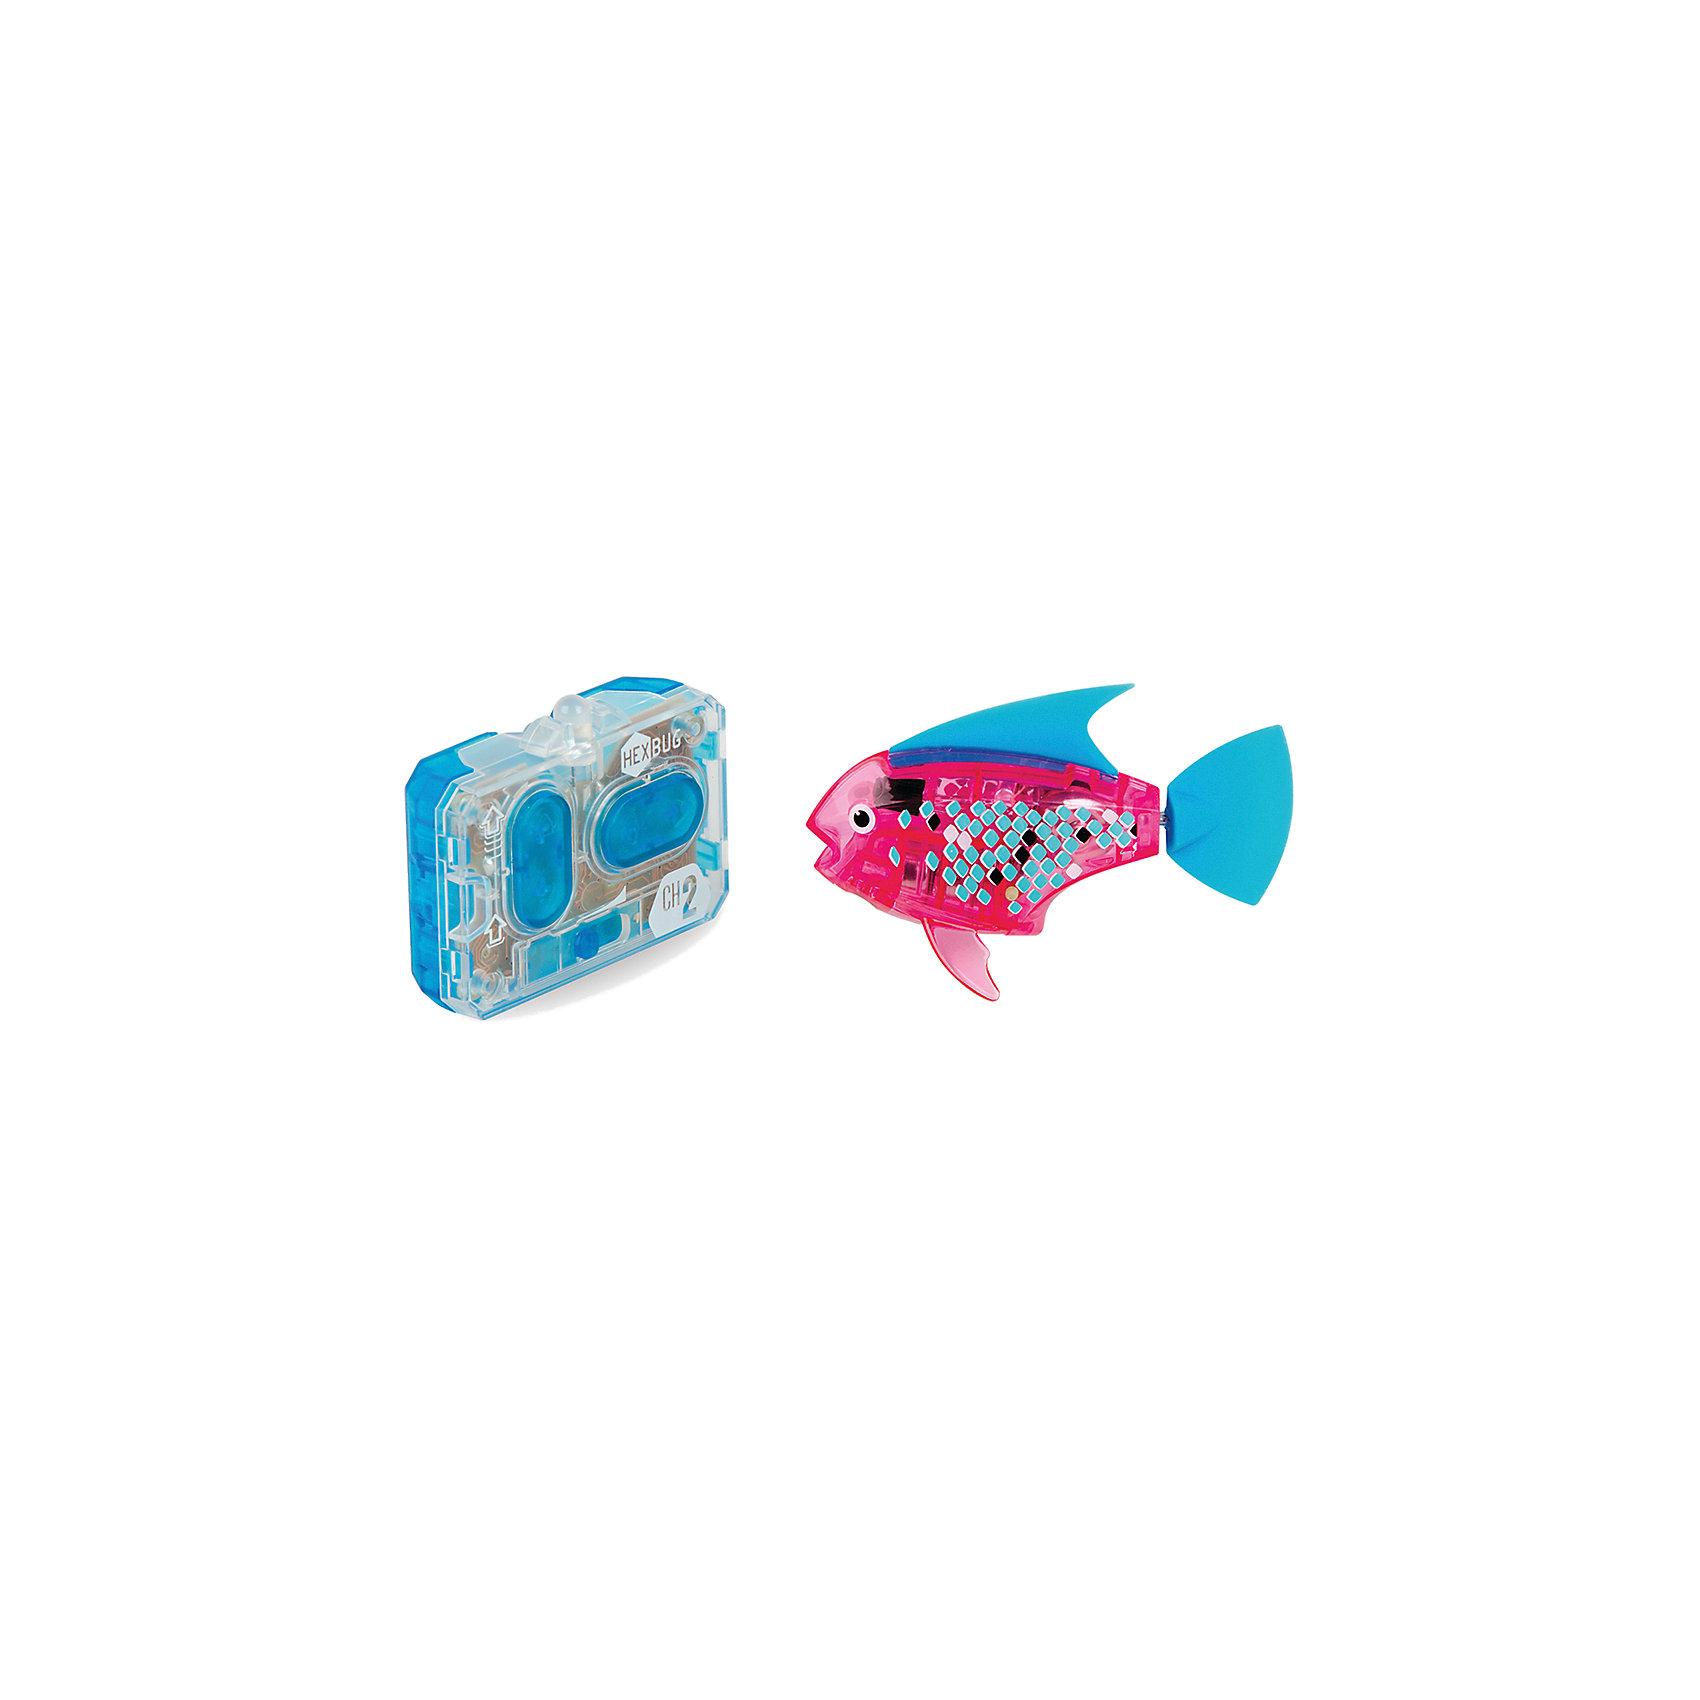 Микро-робот Aqua Bot, розовый, HexbugИнтерактивные животные<br><br><br>Ширина мм: 160<br>Глубина мм: 90<br>Высота мм: 120<br>Вес г: 85<br>Возраст от месяцев: 36<br>Возраст до месяцев: 2147483647<br>Пол: Унисекс<br>Возраст: Детский<br>SKU: 5507181